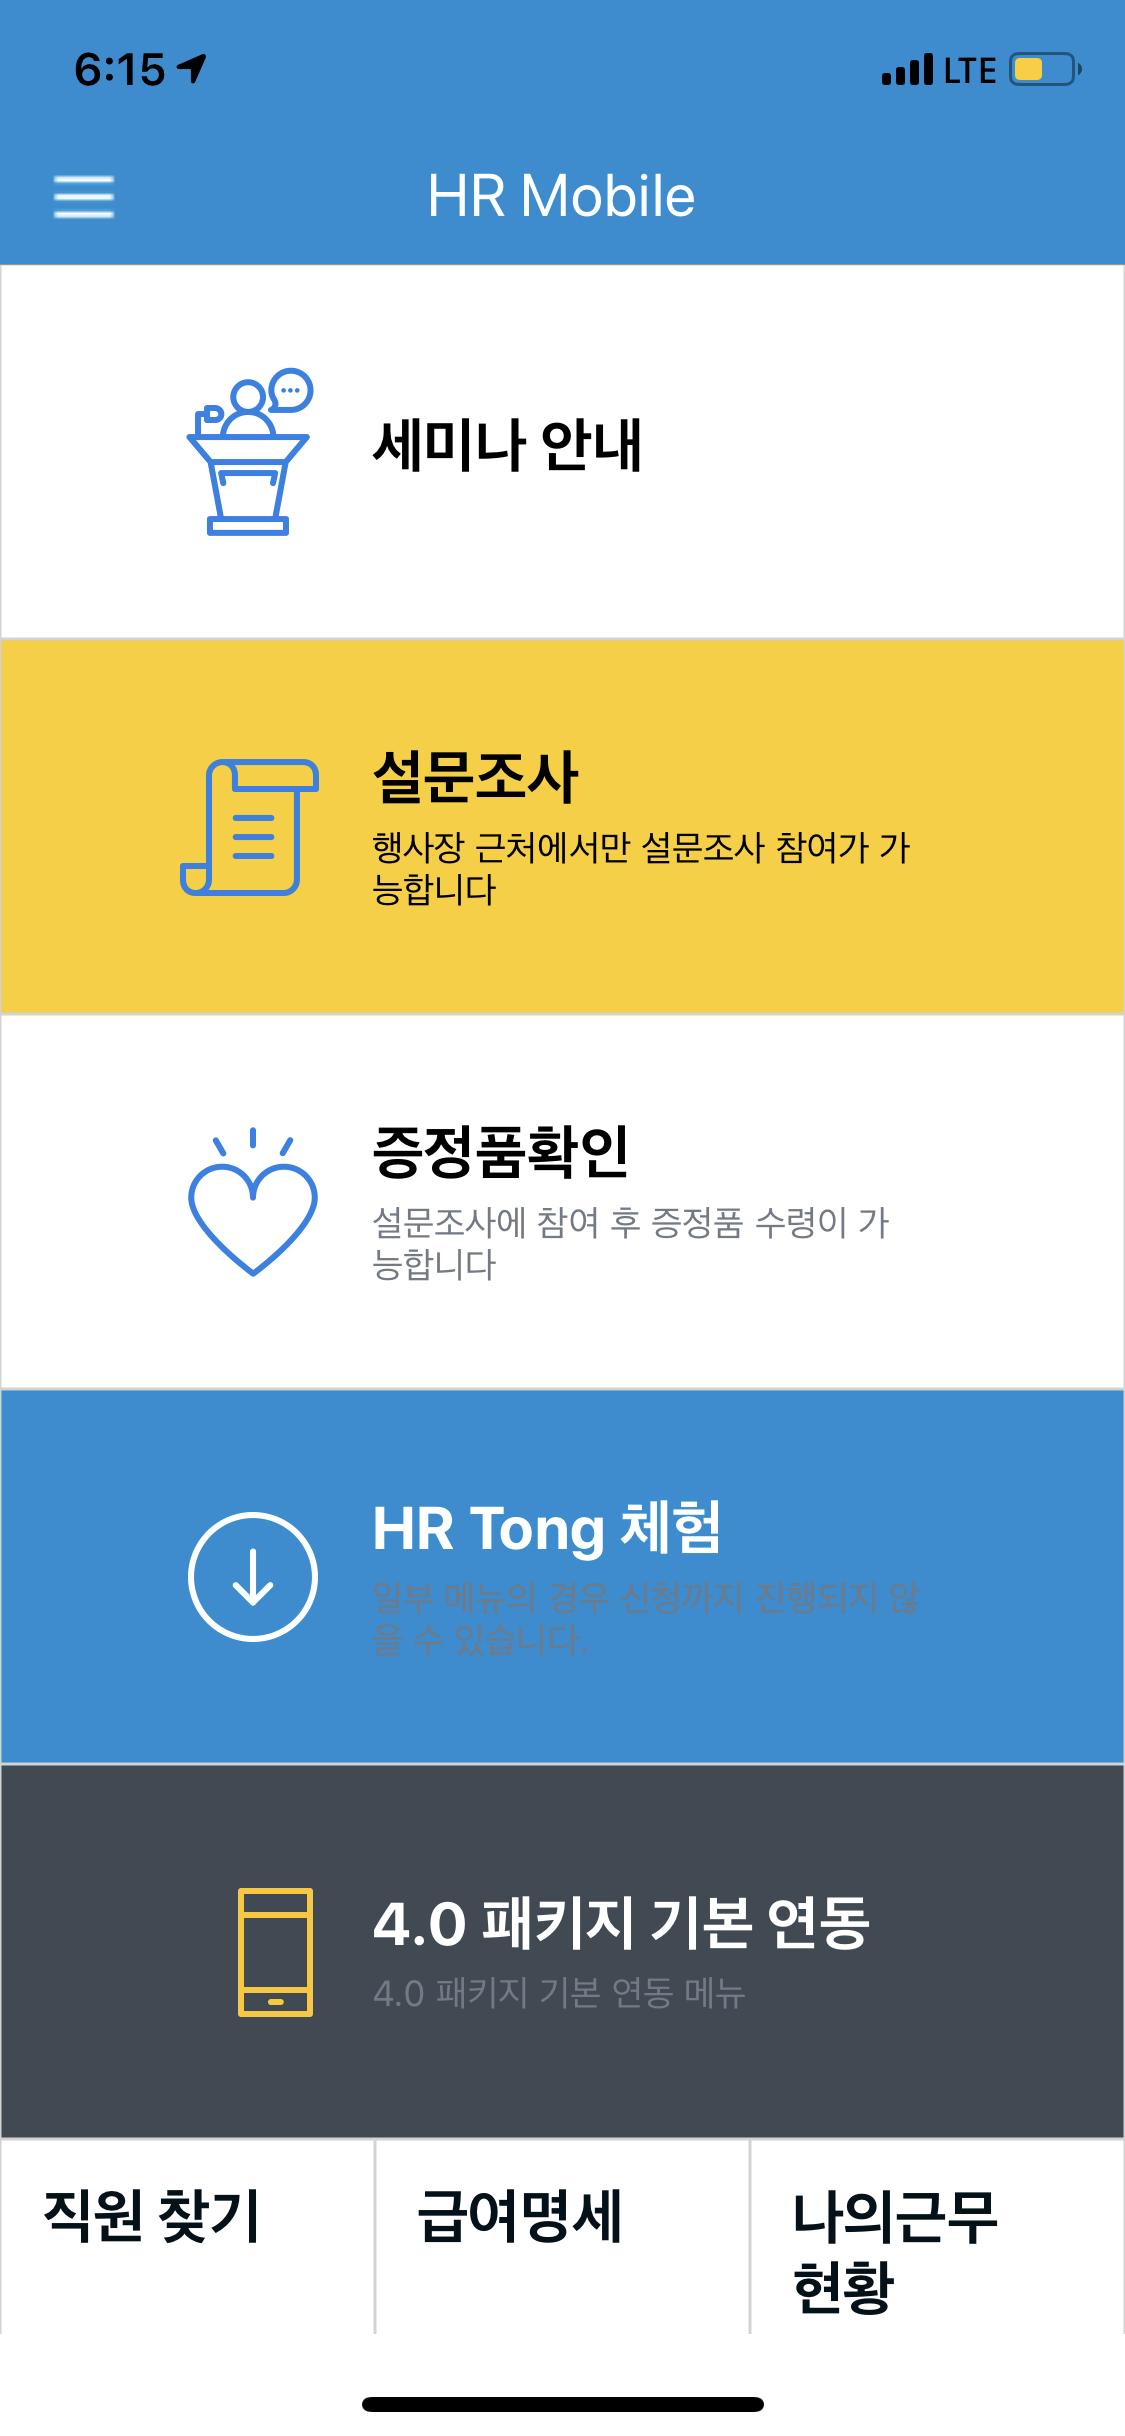 HR Tong 세미나 전용 페이지 예시